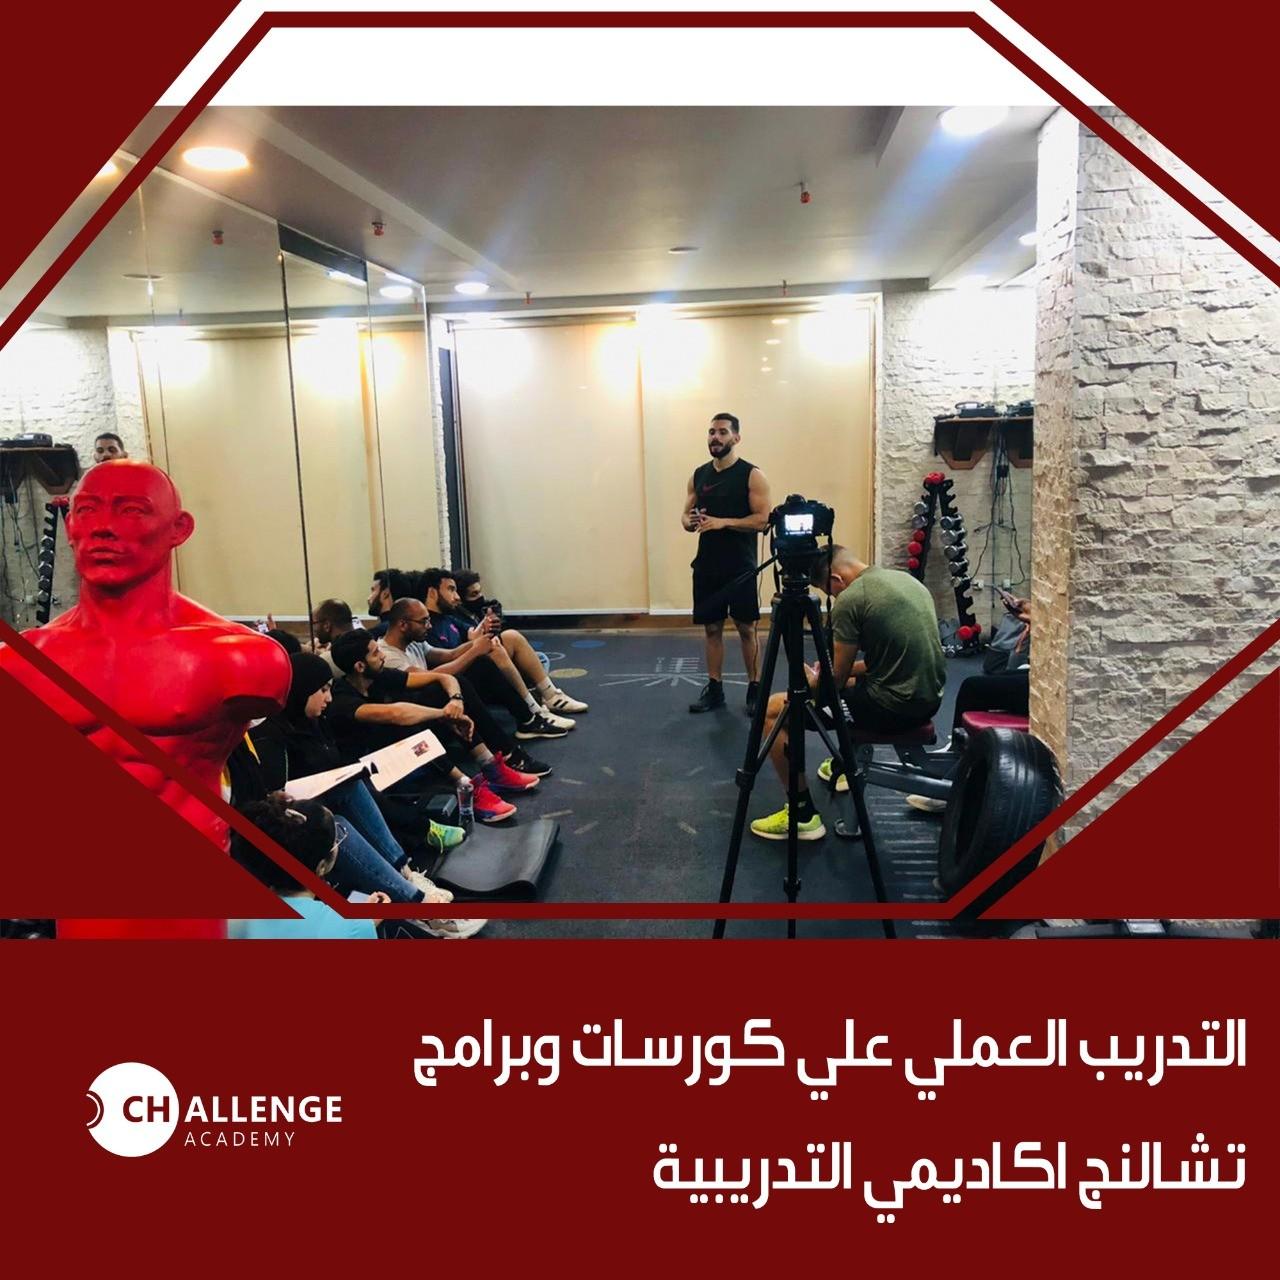 مهام المدرب الرياضي